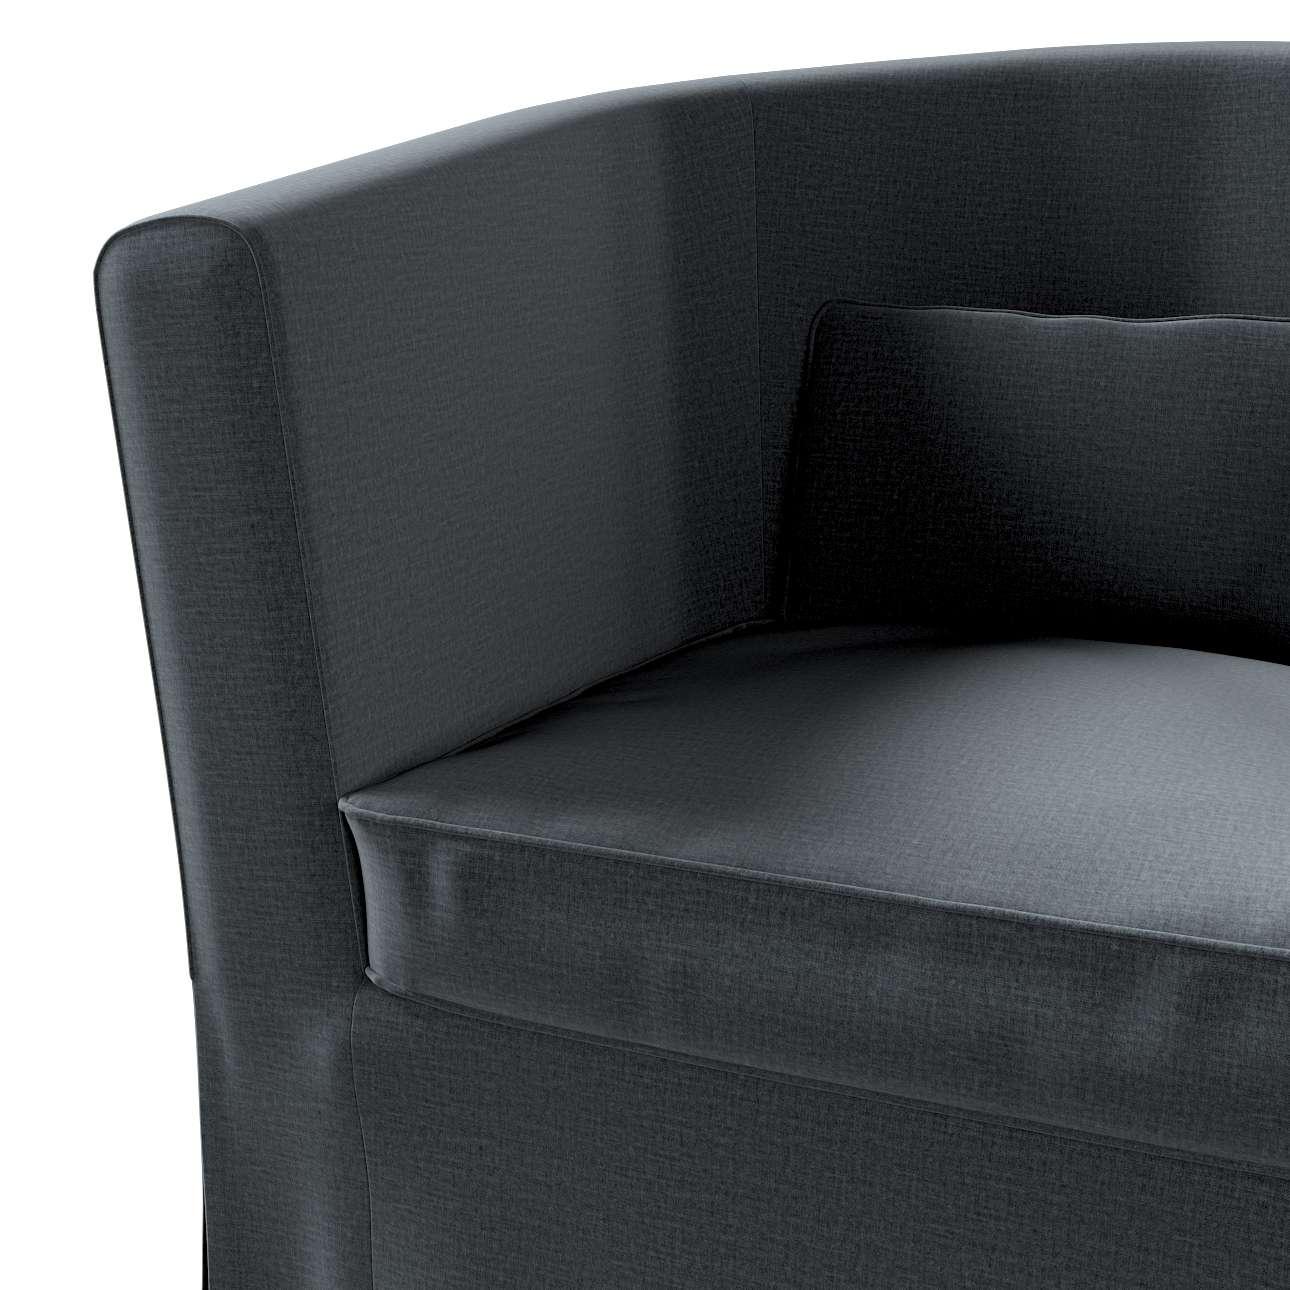 Bezug für Ektorp Tullsta Sessel von der Kollektion Ingrid, Stoff: 705-43